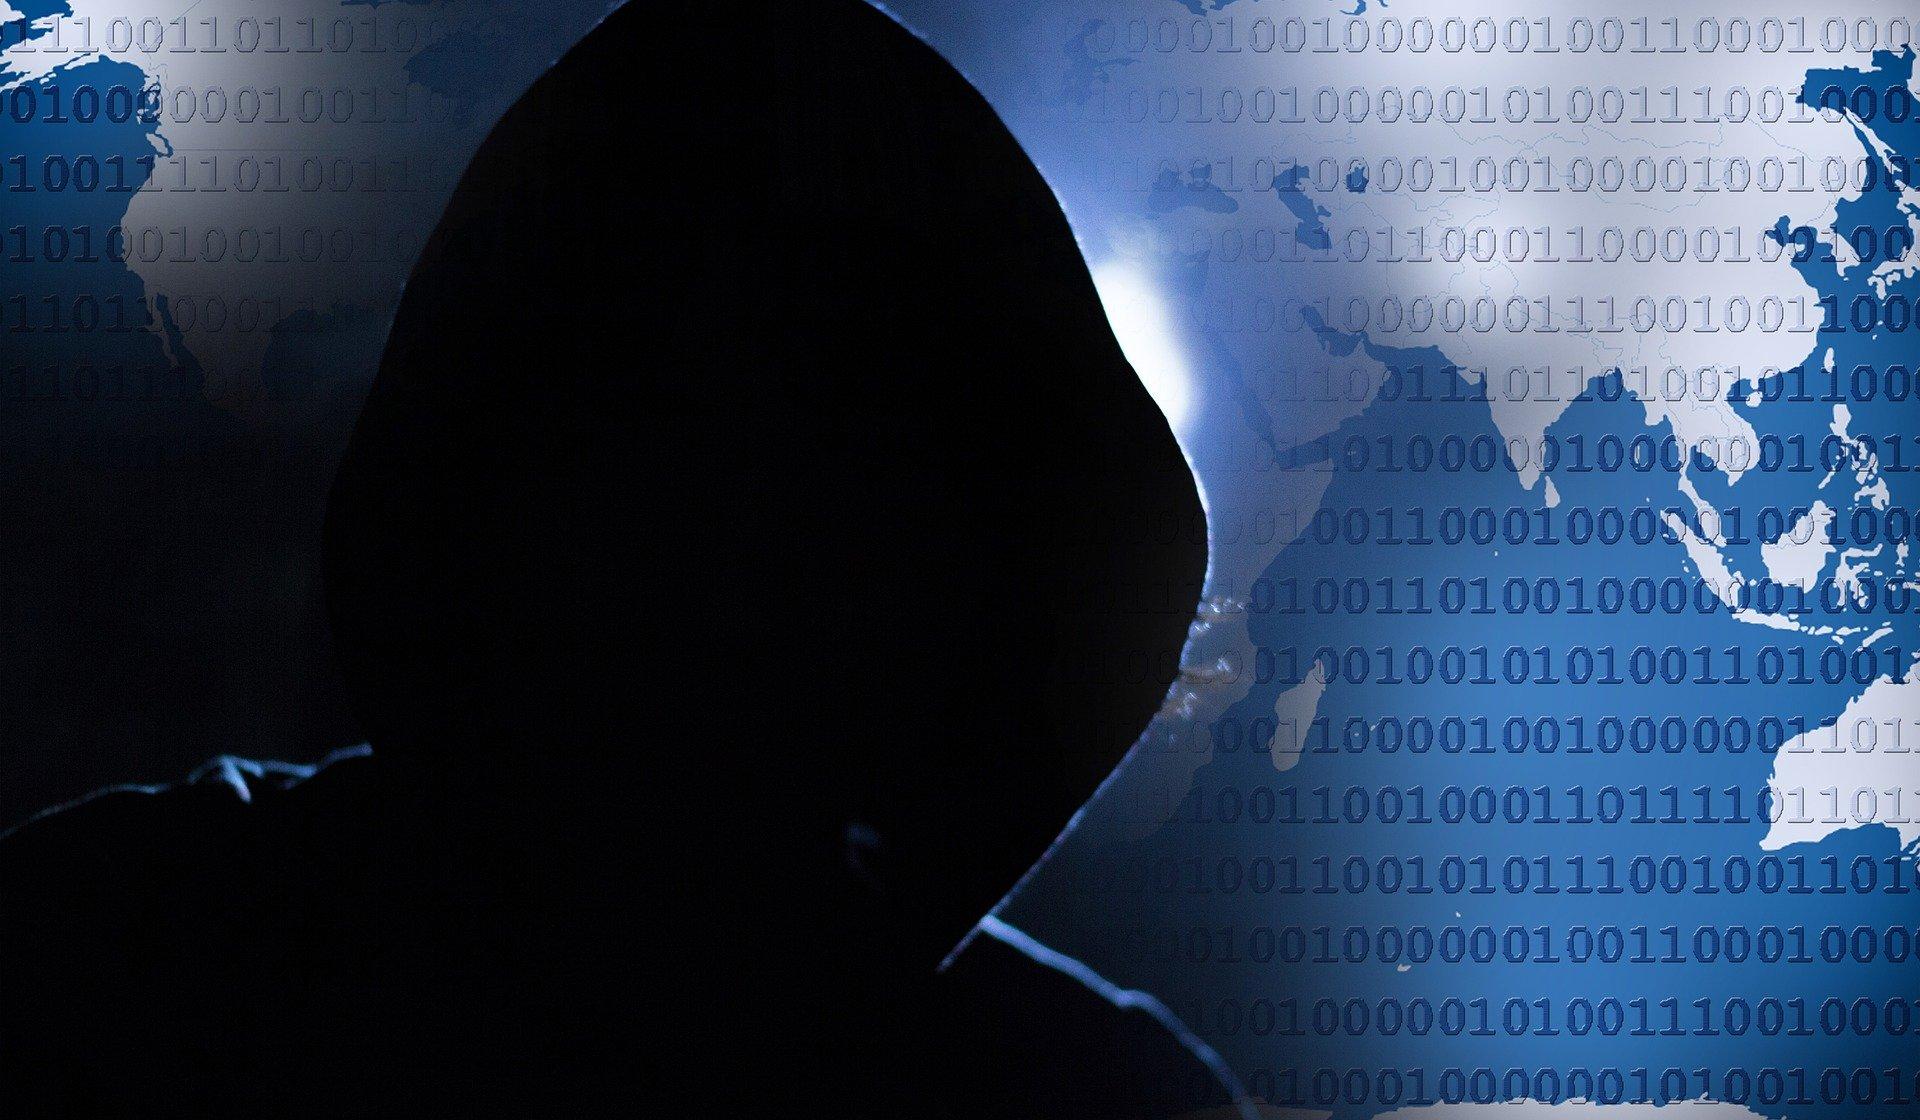 hacker de juguetes sexuales espías